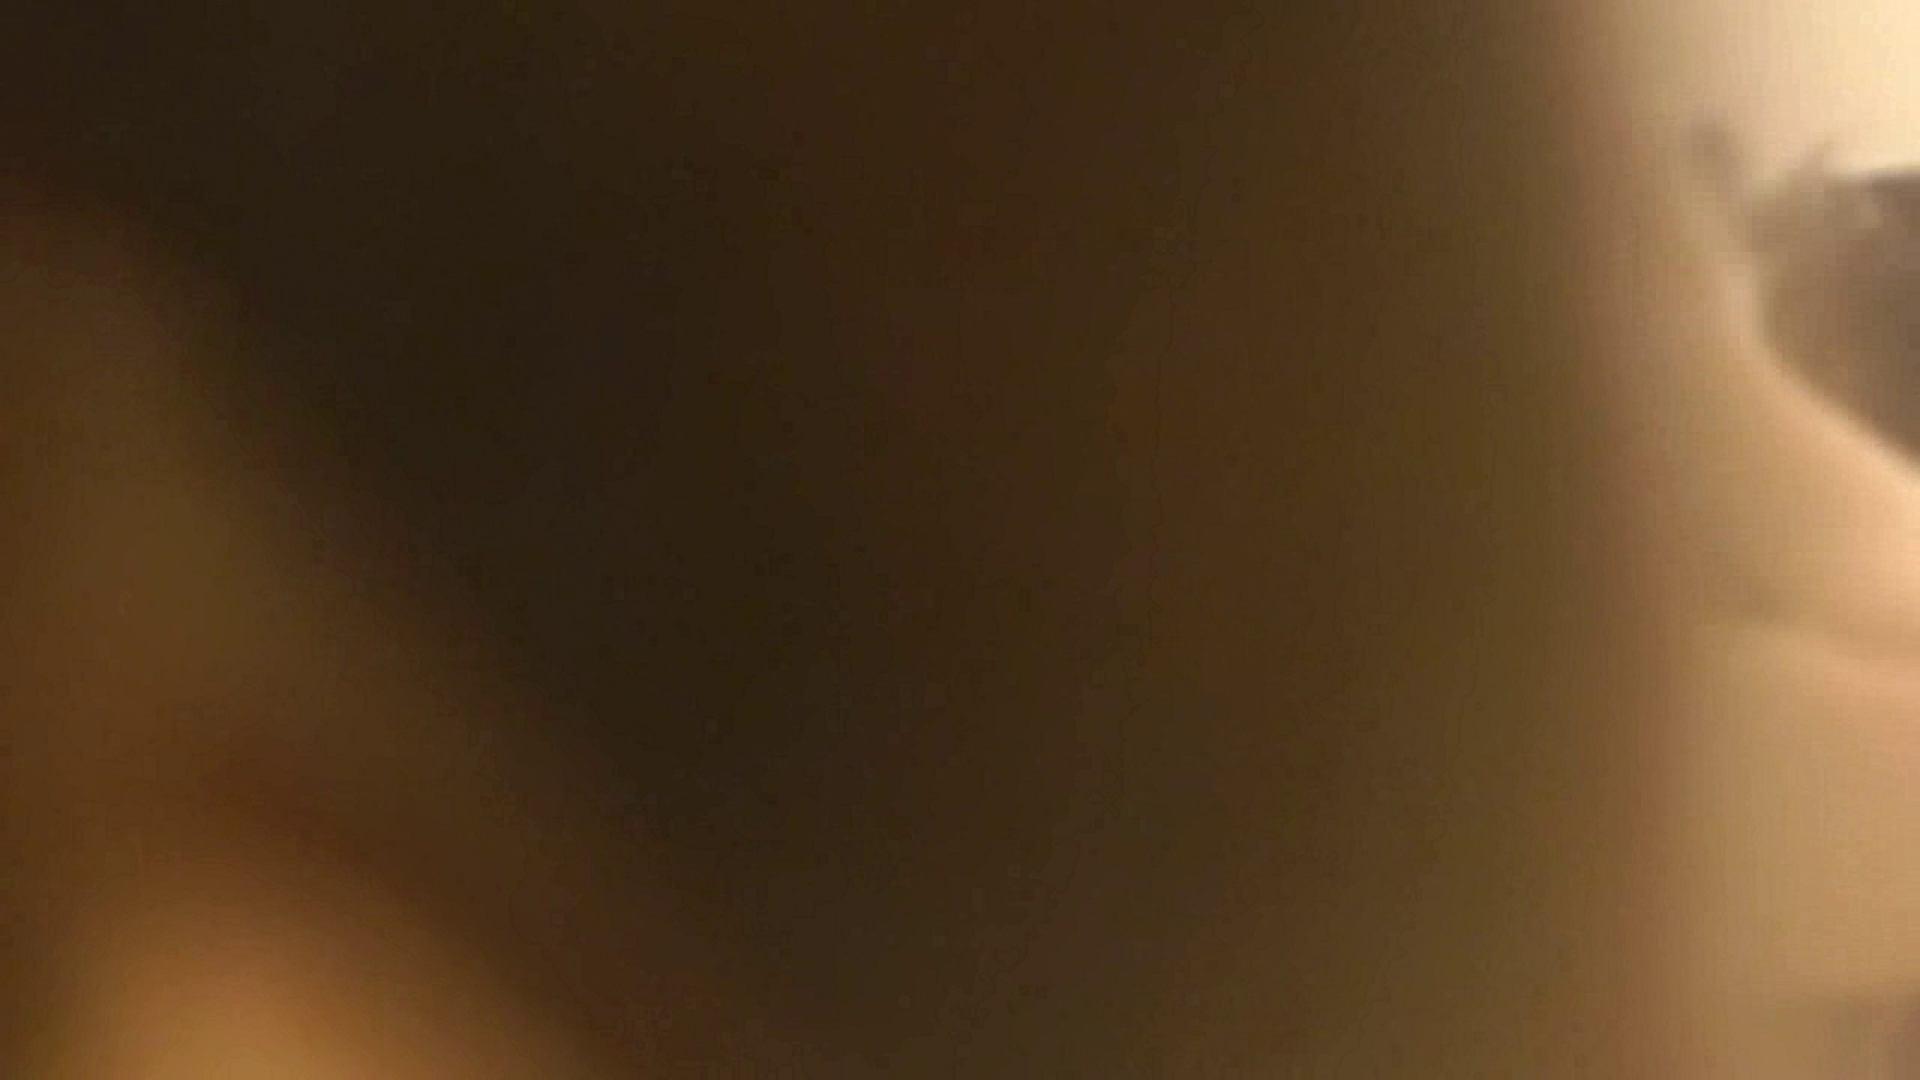 vol.1 Mayumi 窓越しに入浴シーン撮影に成功 OL   入浴シーン  89連発 25